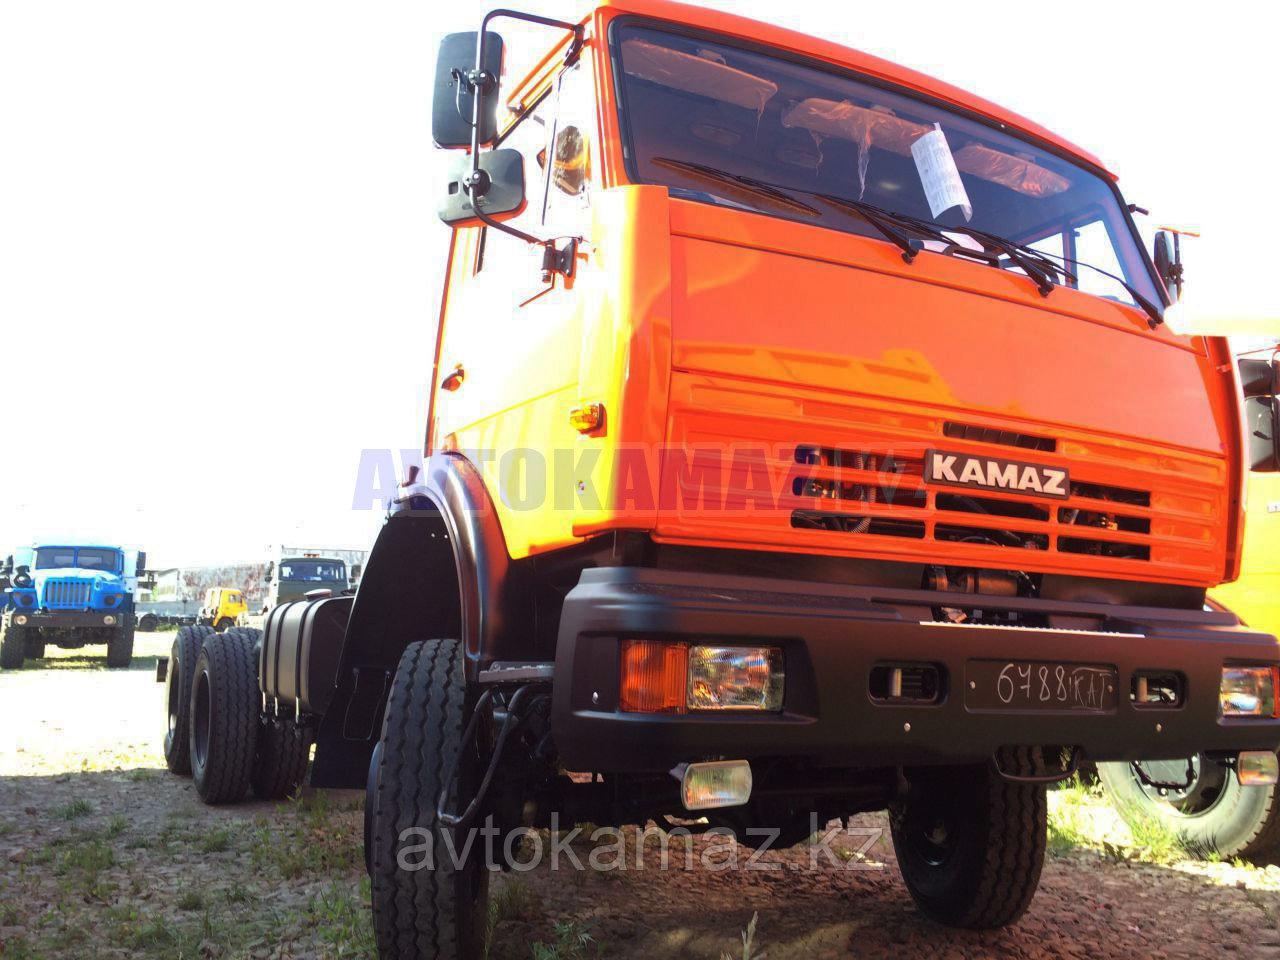 Шасси КамАЗ 53228-1990-15 (2016 г.)